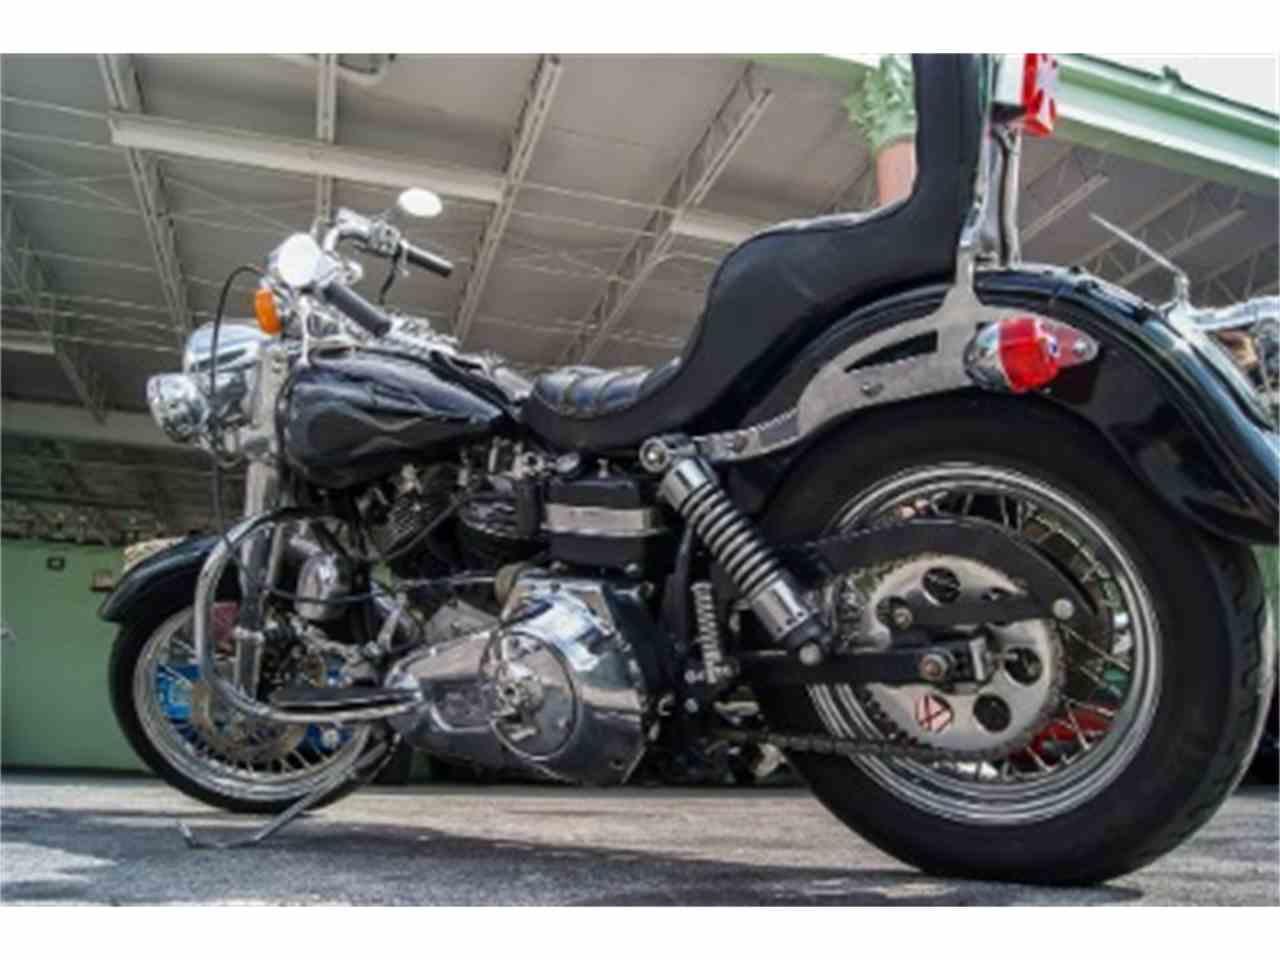 Large Picture of 1982 HARLEY DAVIDSON Harley Davidson - $8,500.00 - FVQR